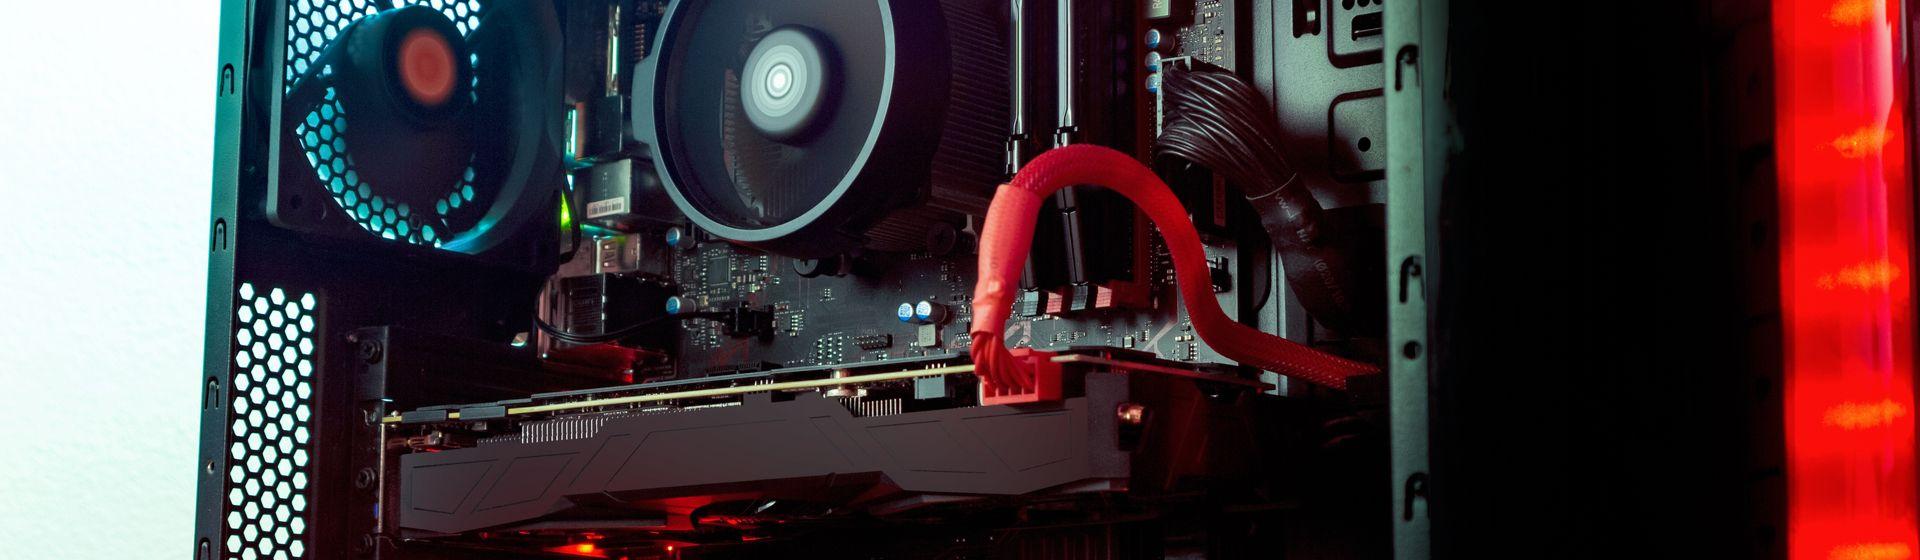 Como montar PC gamer 'barato'? Guia de peças com bom custo-benefício